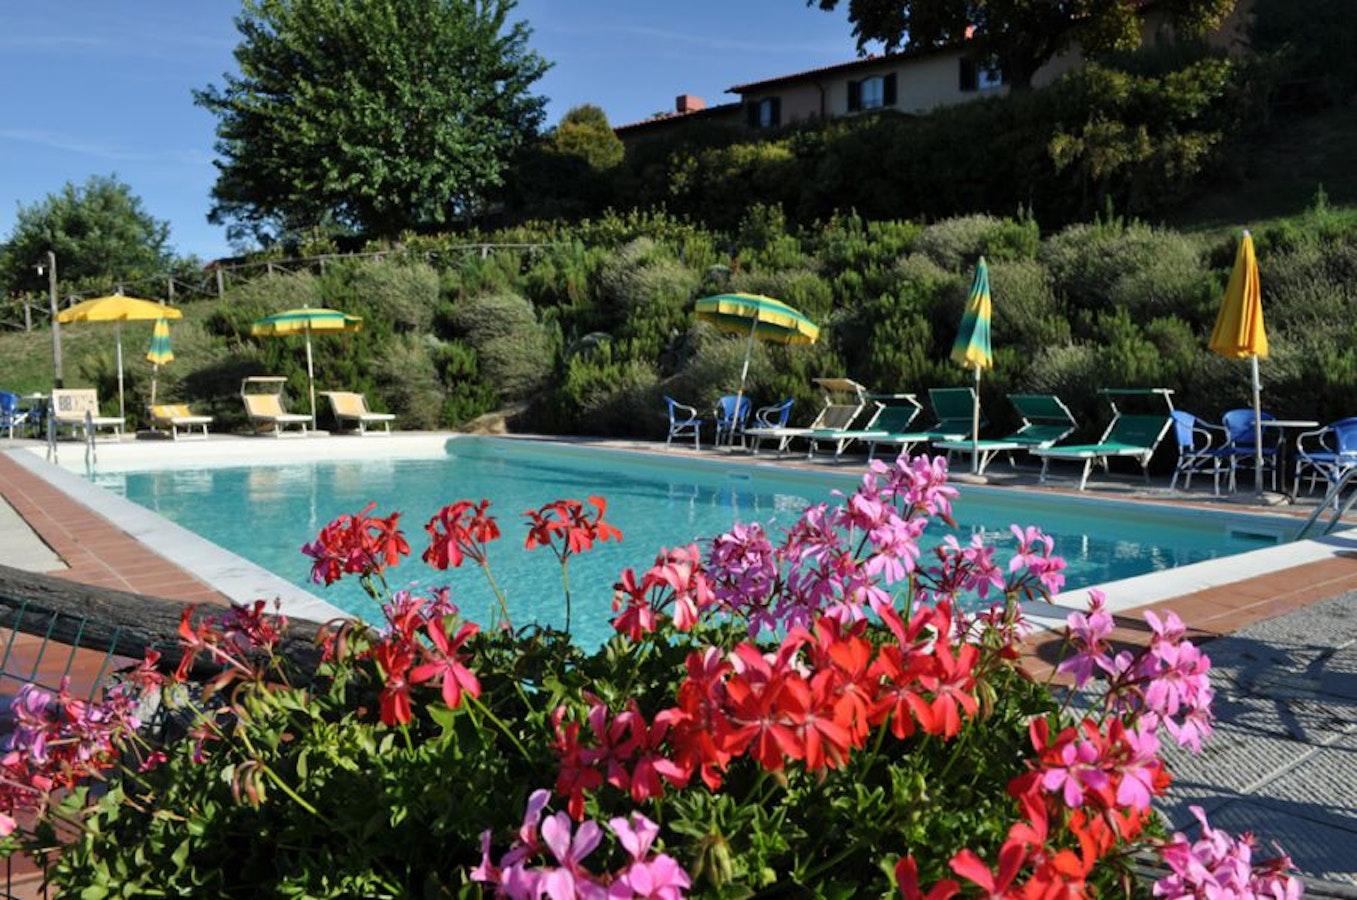 Hotels In Viareggio With Swimming Pool